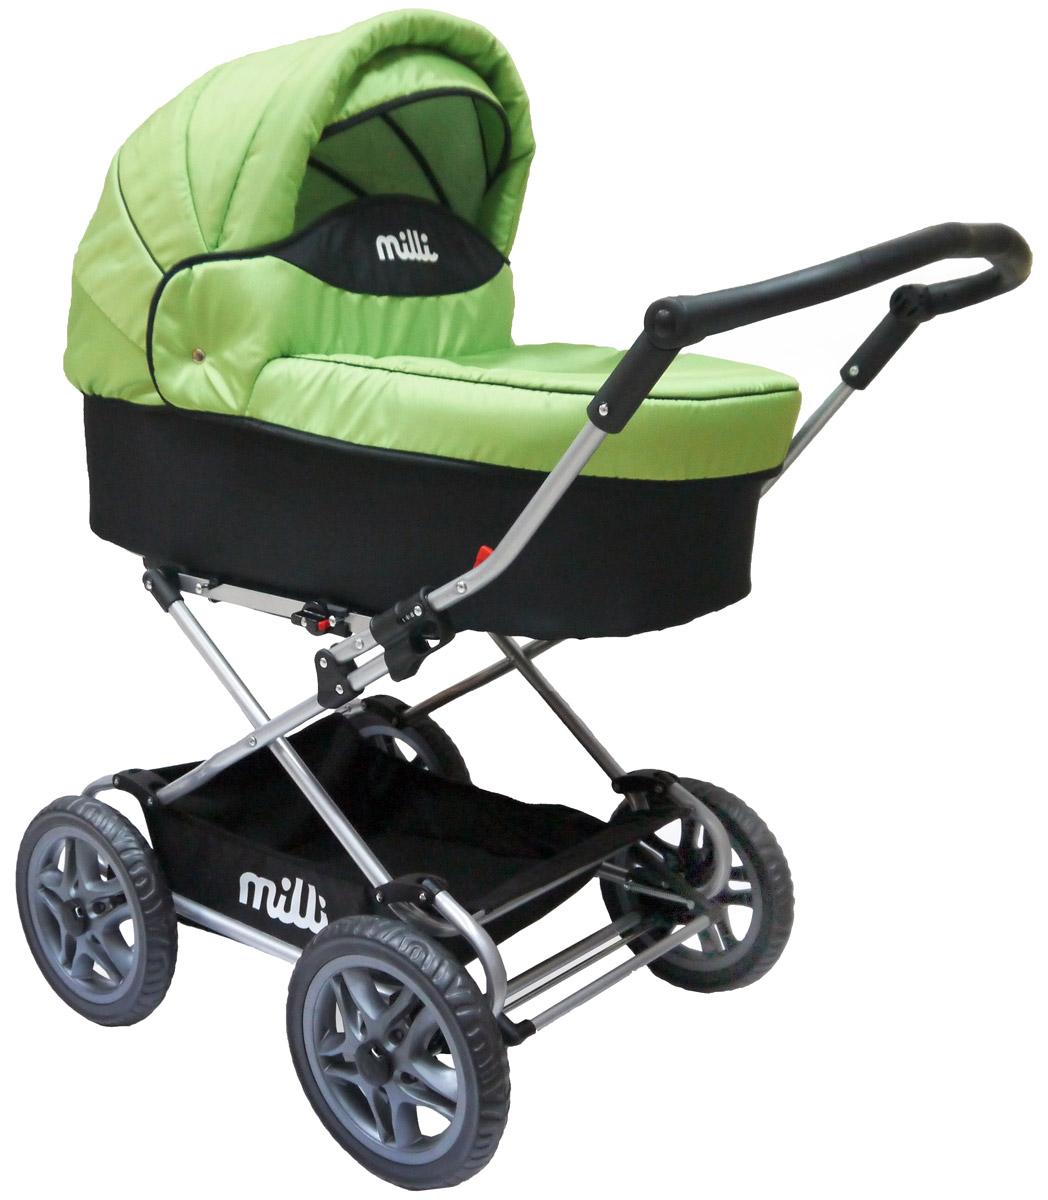 Milli Коляска-люлька JENIS цвет kiwi500121Классическая коляска люлька milli Jenis превратит любую прогулку с малышом в удовольствие! Это традиционная коляска для новорожденного, обеспечивающая превосходный комфорт. Имеет утепленную корзину, надежно защищающую малыша от непогоды. Большие легкие пластмассовые колеса обеспечат наибольшую проходимость коляски даже в непогоду, и маме не придется прилагать усилия, чтобы проехать по бездорожью. В тоже время мягкая система амортизации защитит малыша от тряски. с функцией качания, съемный внутренний чехол из хлопка, регулируемый по высоте капор, корзина для покупок, большие колеса. Характеристики: Вес коляски: 13,1 кг Размеры (Д/Ш/В): 118x58x114 см Размеры в сложенном виде, рама (Д/Ш/В): 74х58х25 см Люлька: (Д/Ш/В): 79х34х23 см. Диаметр колес: 31 см (12,5 дюймов).